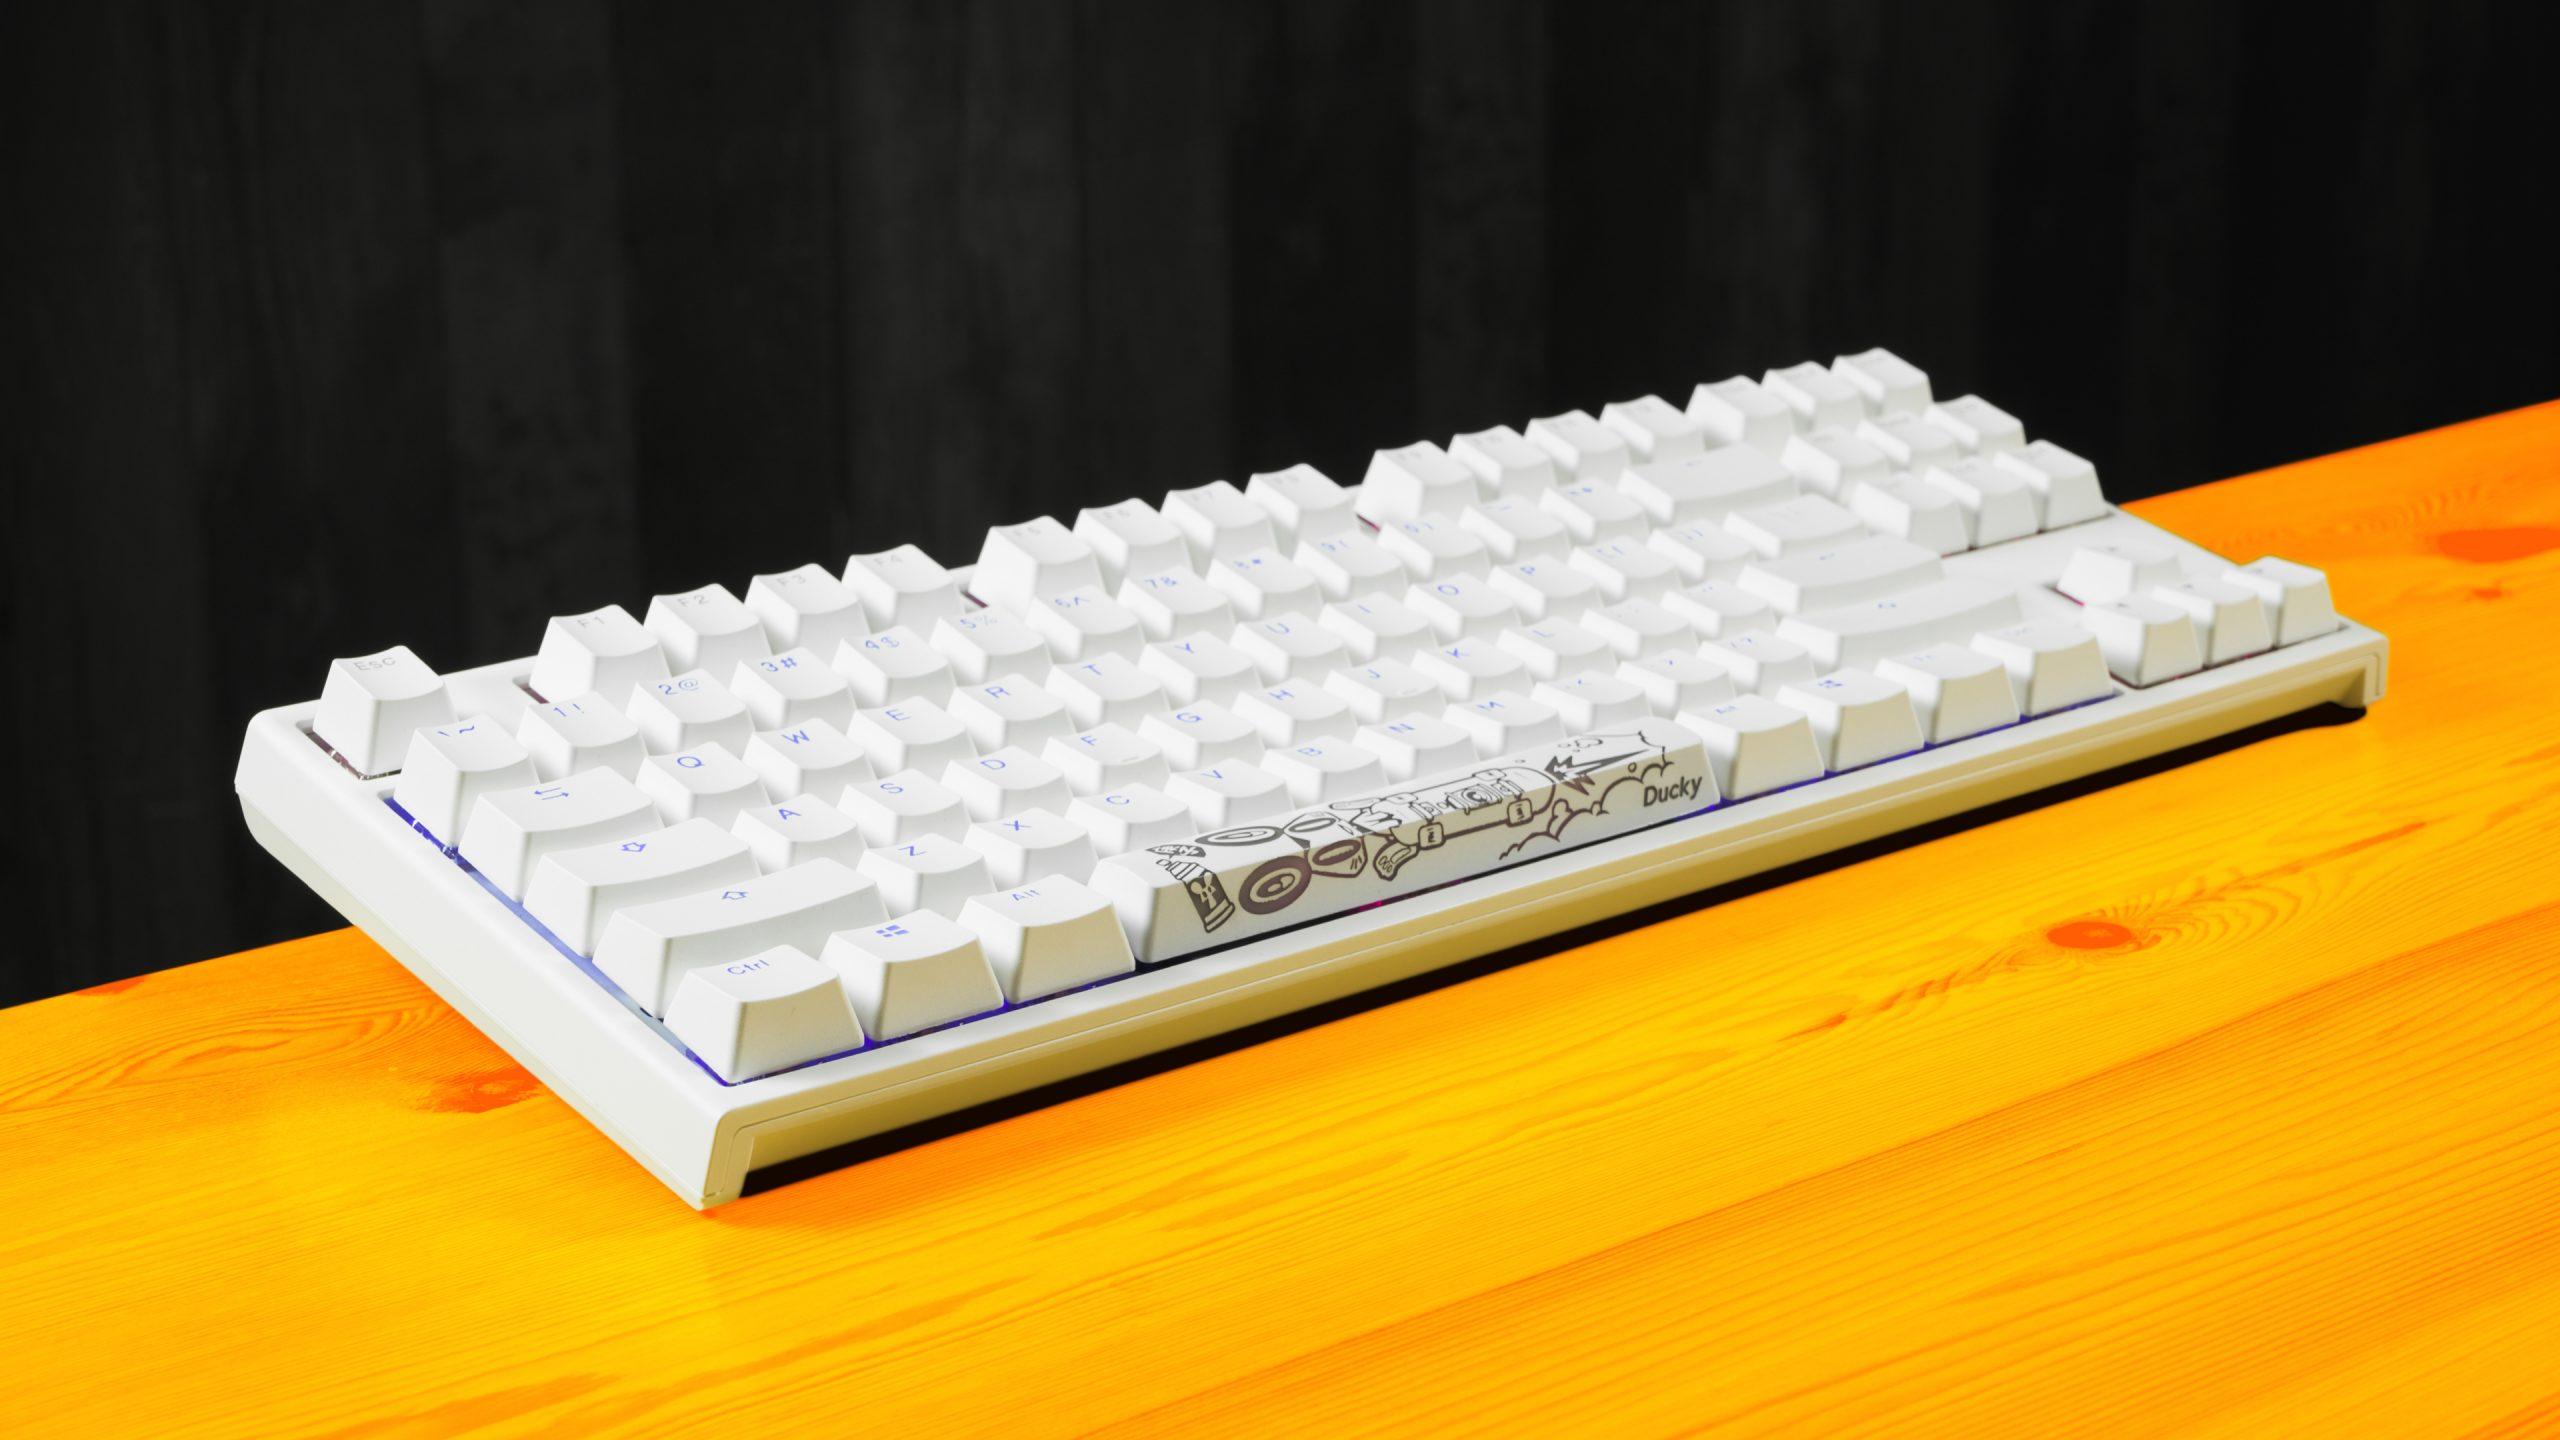 Isometrisch aanzicht van het Ducky One 2 RGB TKL-toetsenbord (wit, Cherry MX Blue)